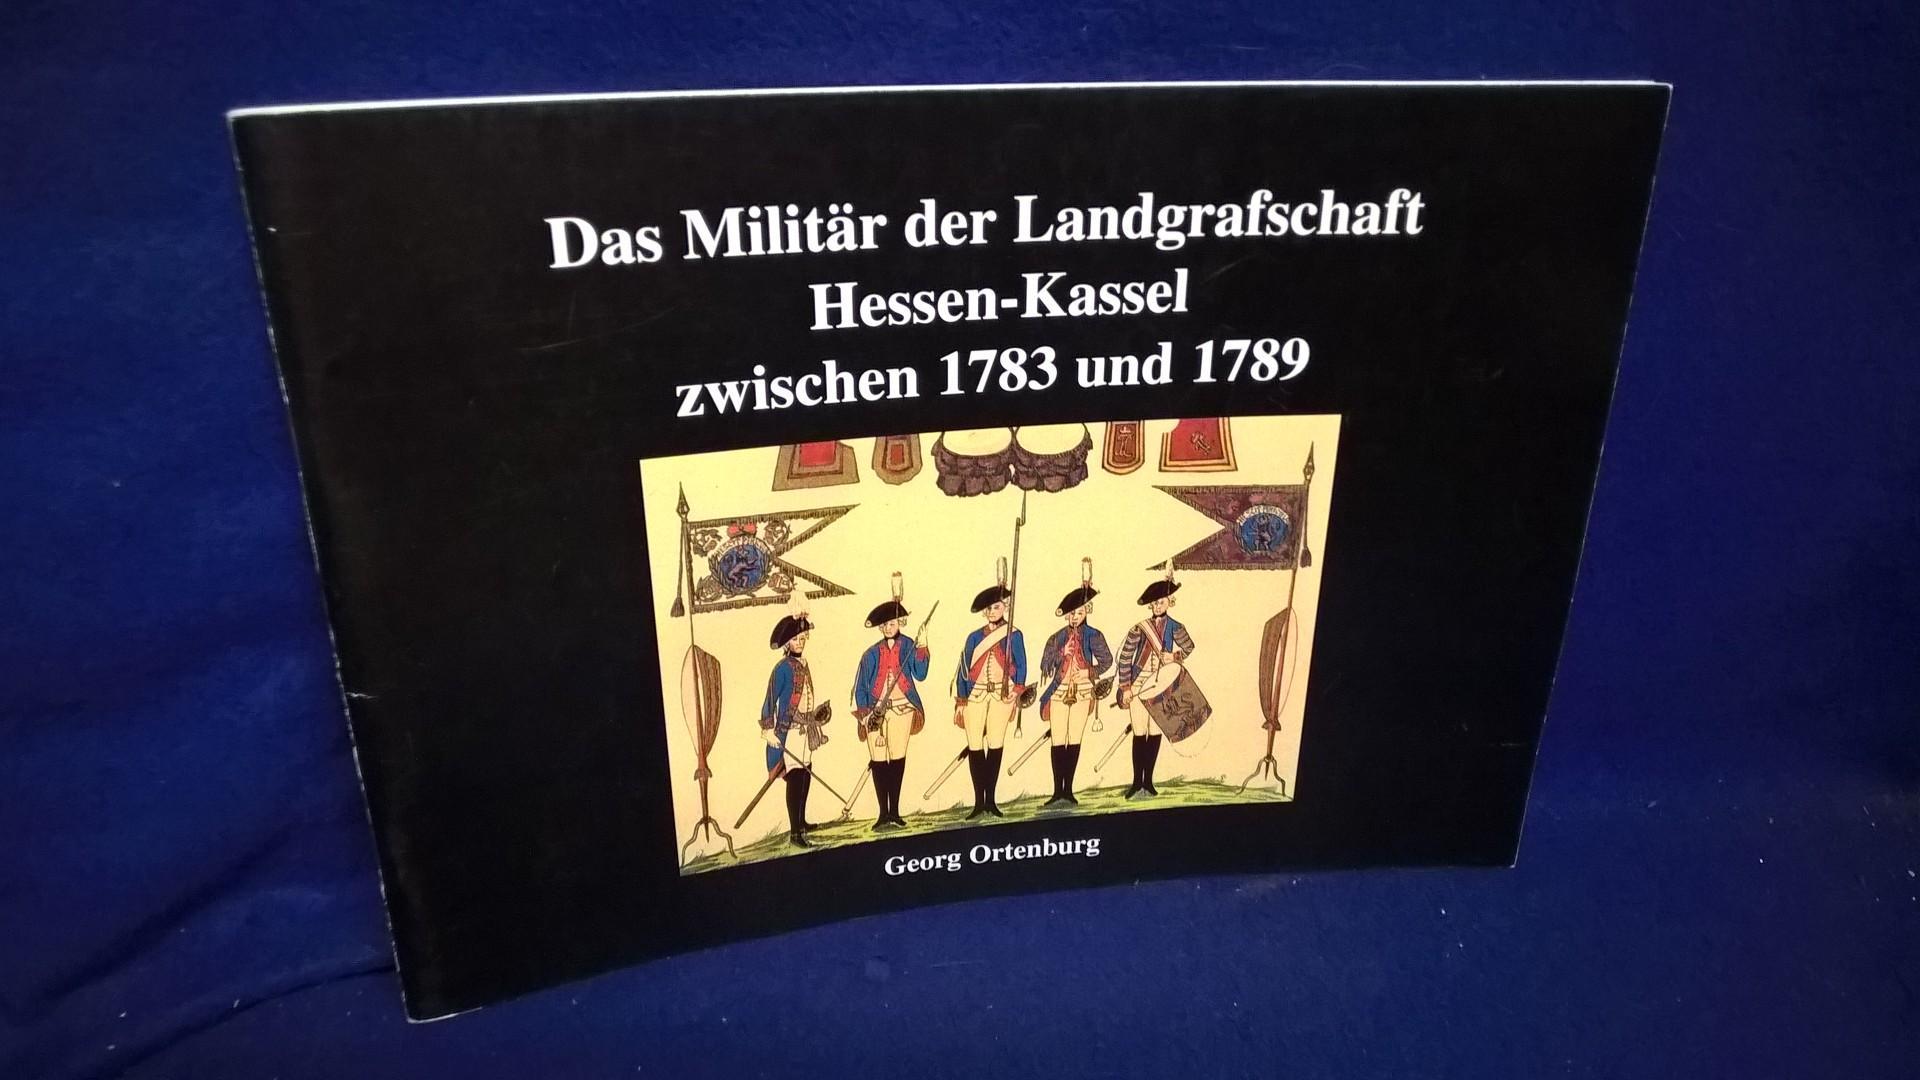 Das Militär der Landgrafschaft Hessen-Kassel zwischen 1783 und 1789.